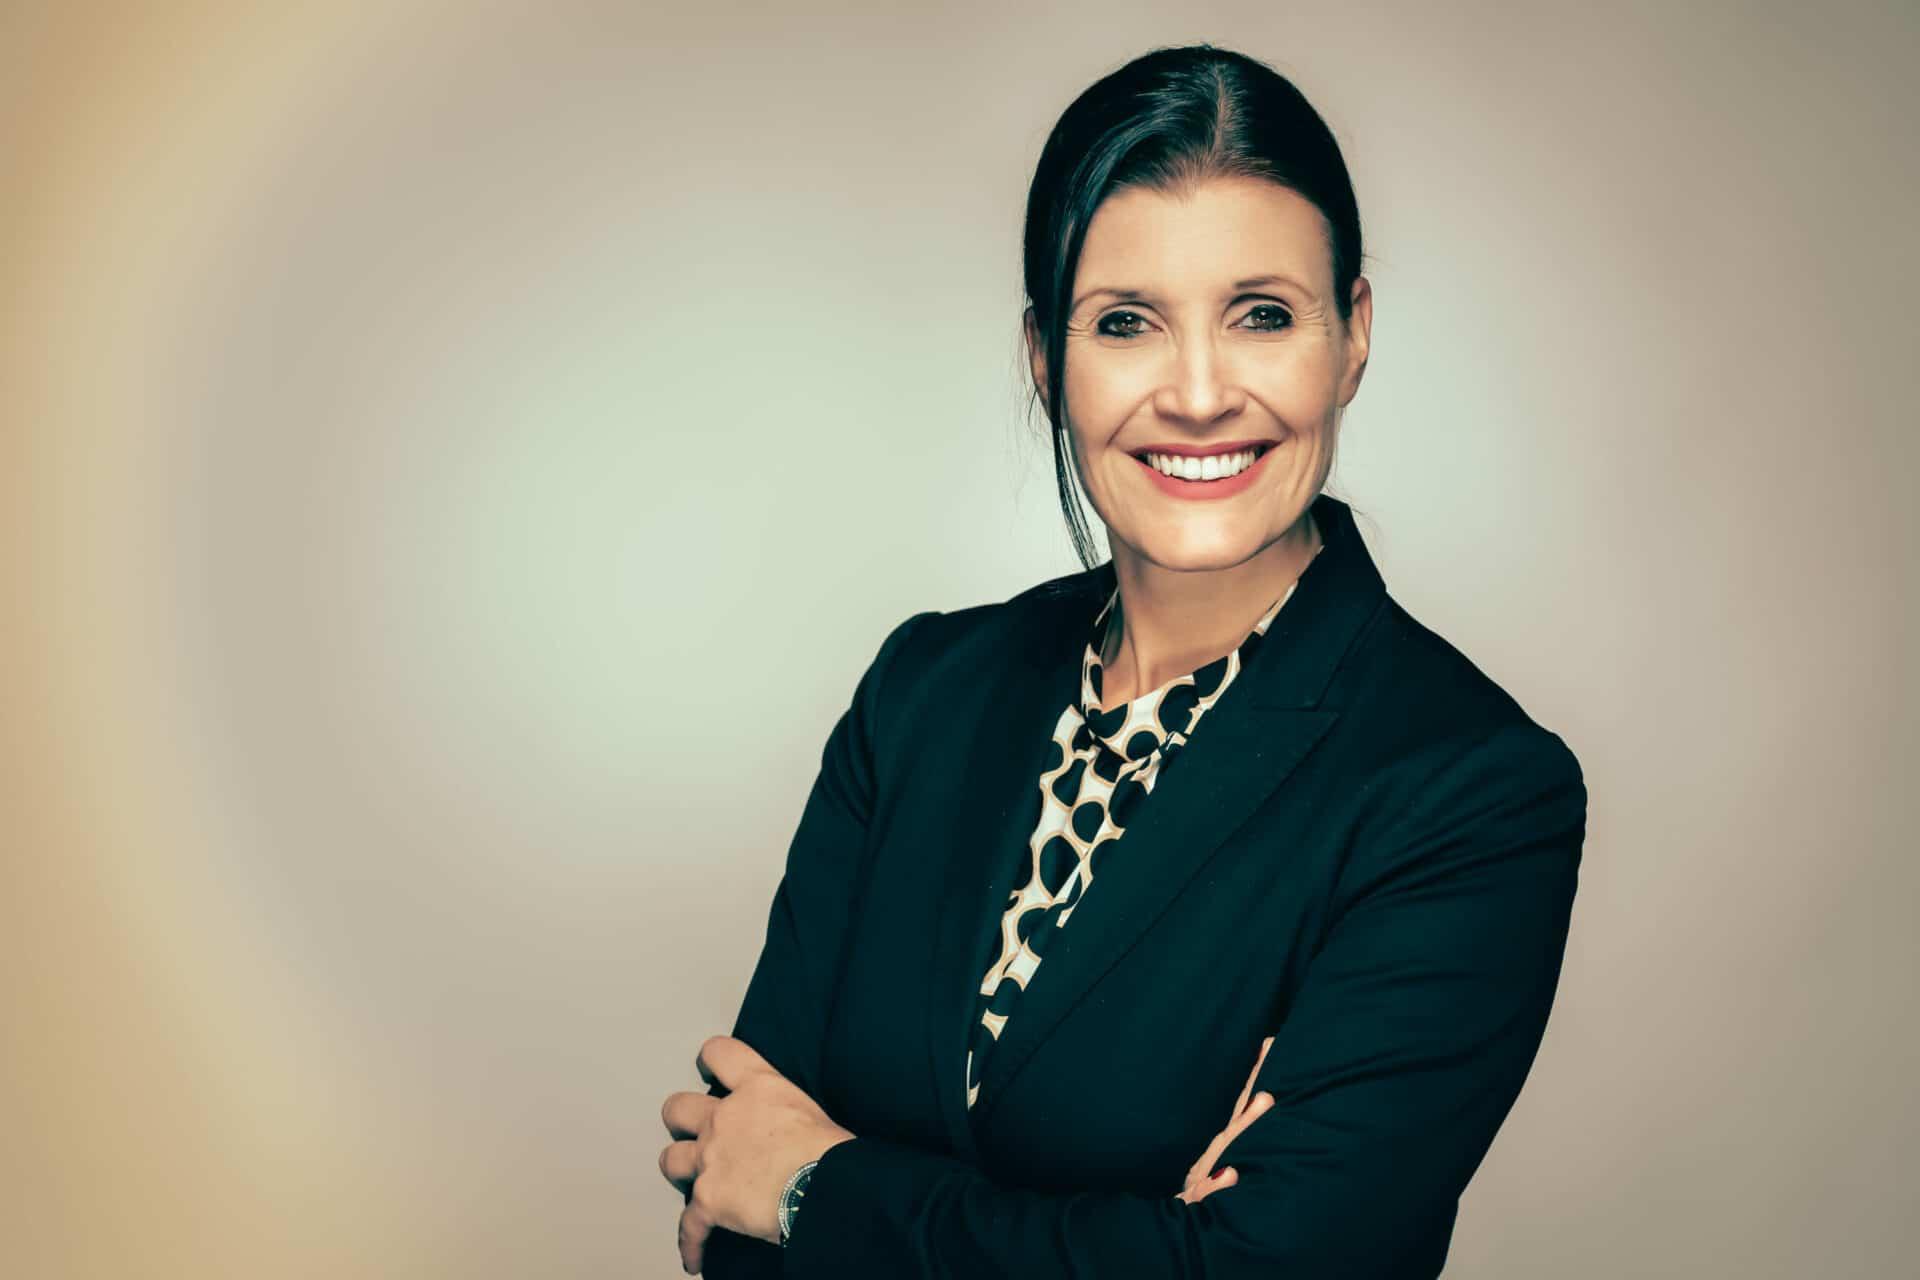 Sabrina von Nessen - Ihre erfahrene Business Mentorin, Keynote Speakerin und Autorin